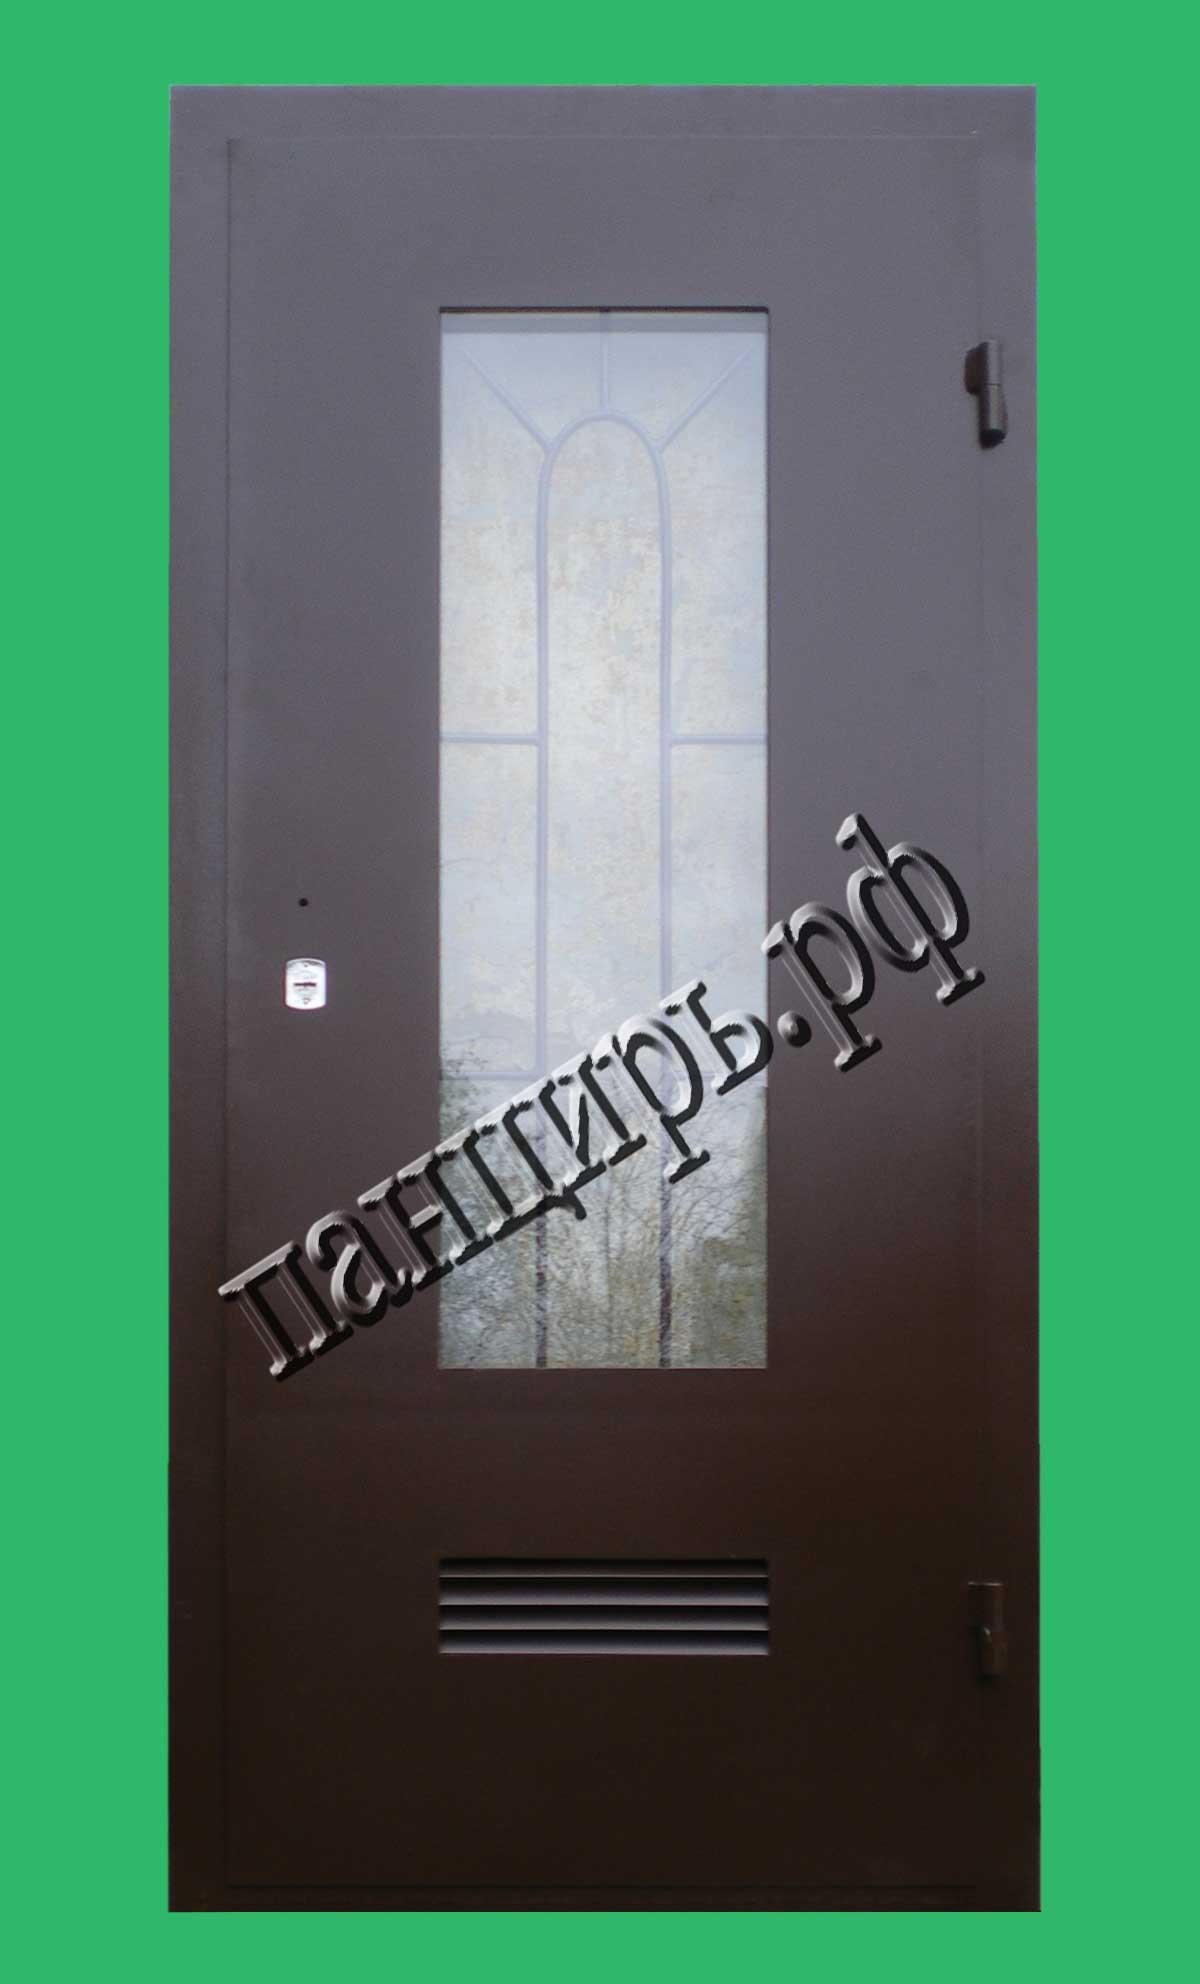 Дверь в котельную с окном 0,5м2, приточными жалюзями